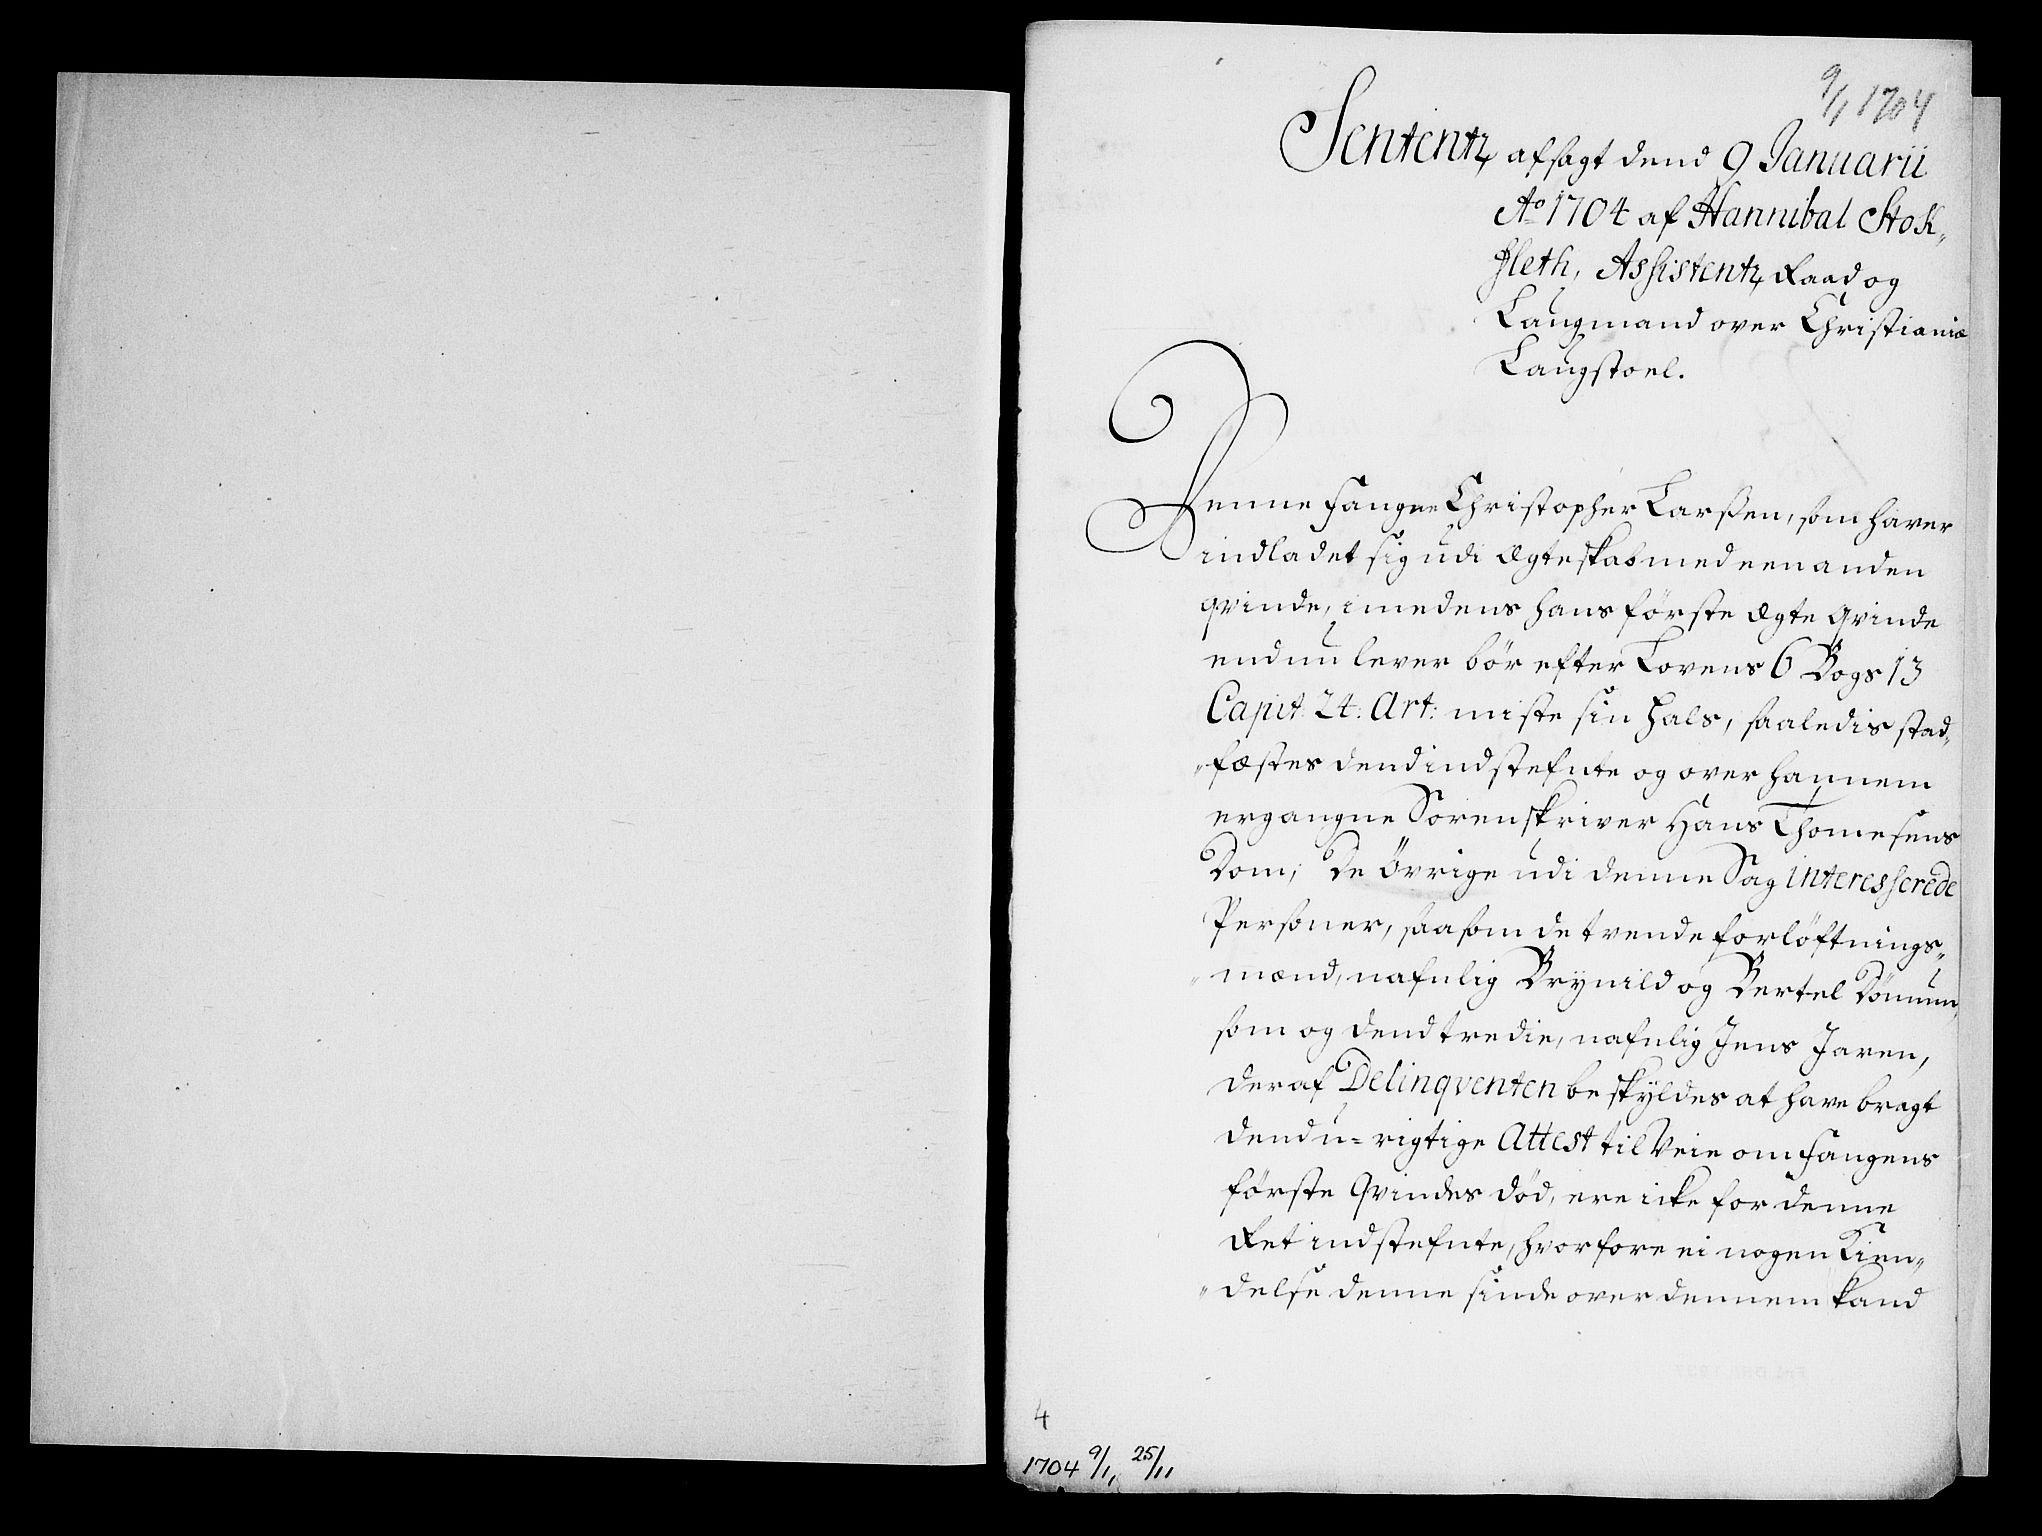 RA, Danske Kanselli, Skapsaker, G/L0019: Tillegg til skapsakene, 1616-1753, s. 342